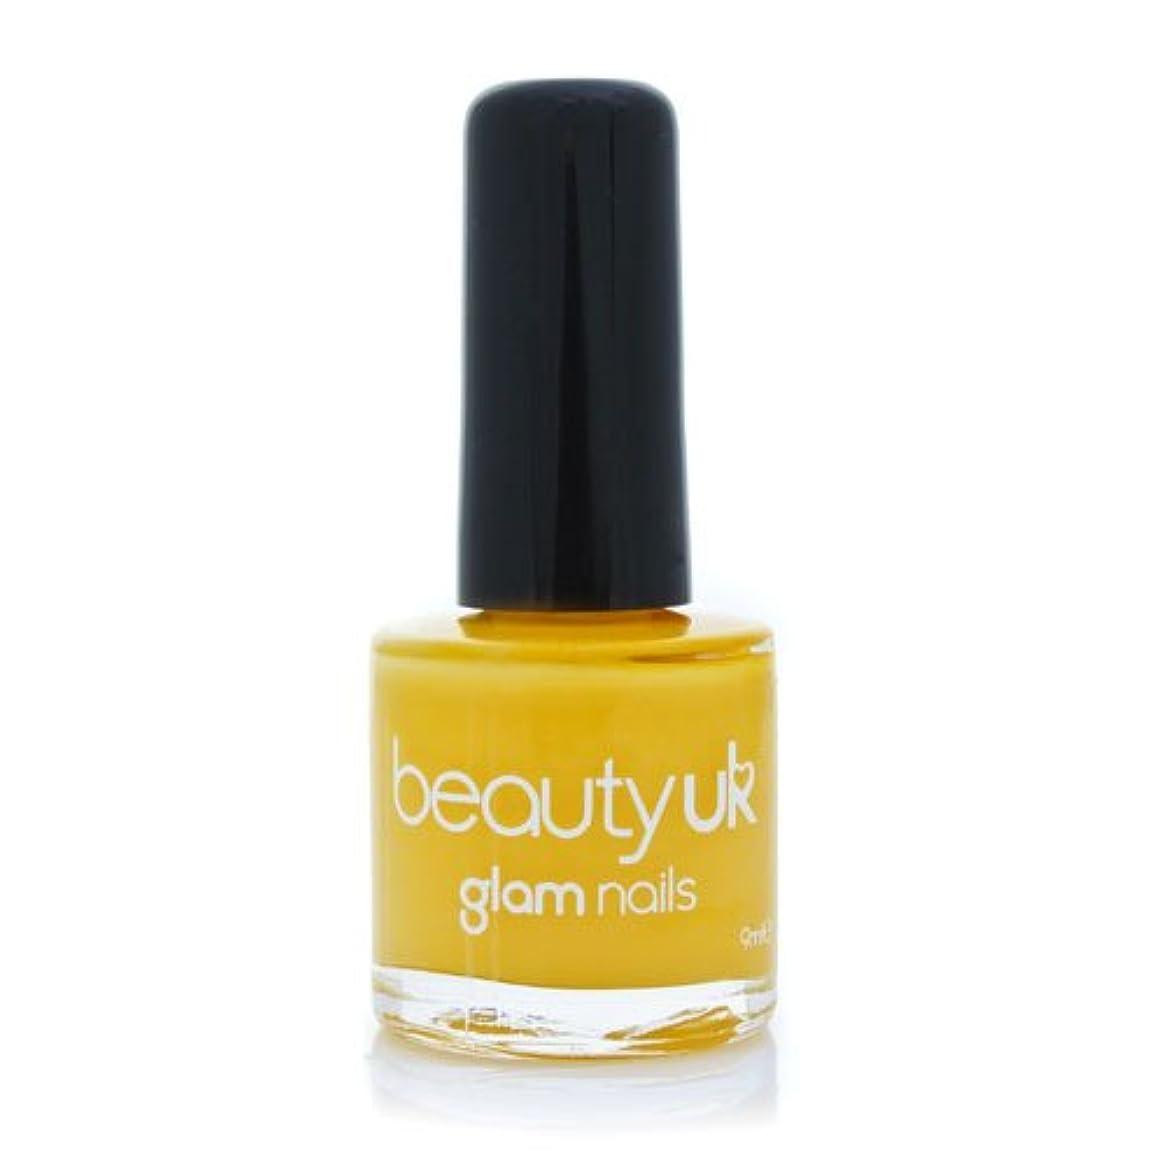 平方顎補償Beauty Uk Glam Nails No36 Yellow Peril 9ml [並行輸入品]